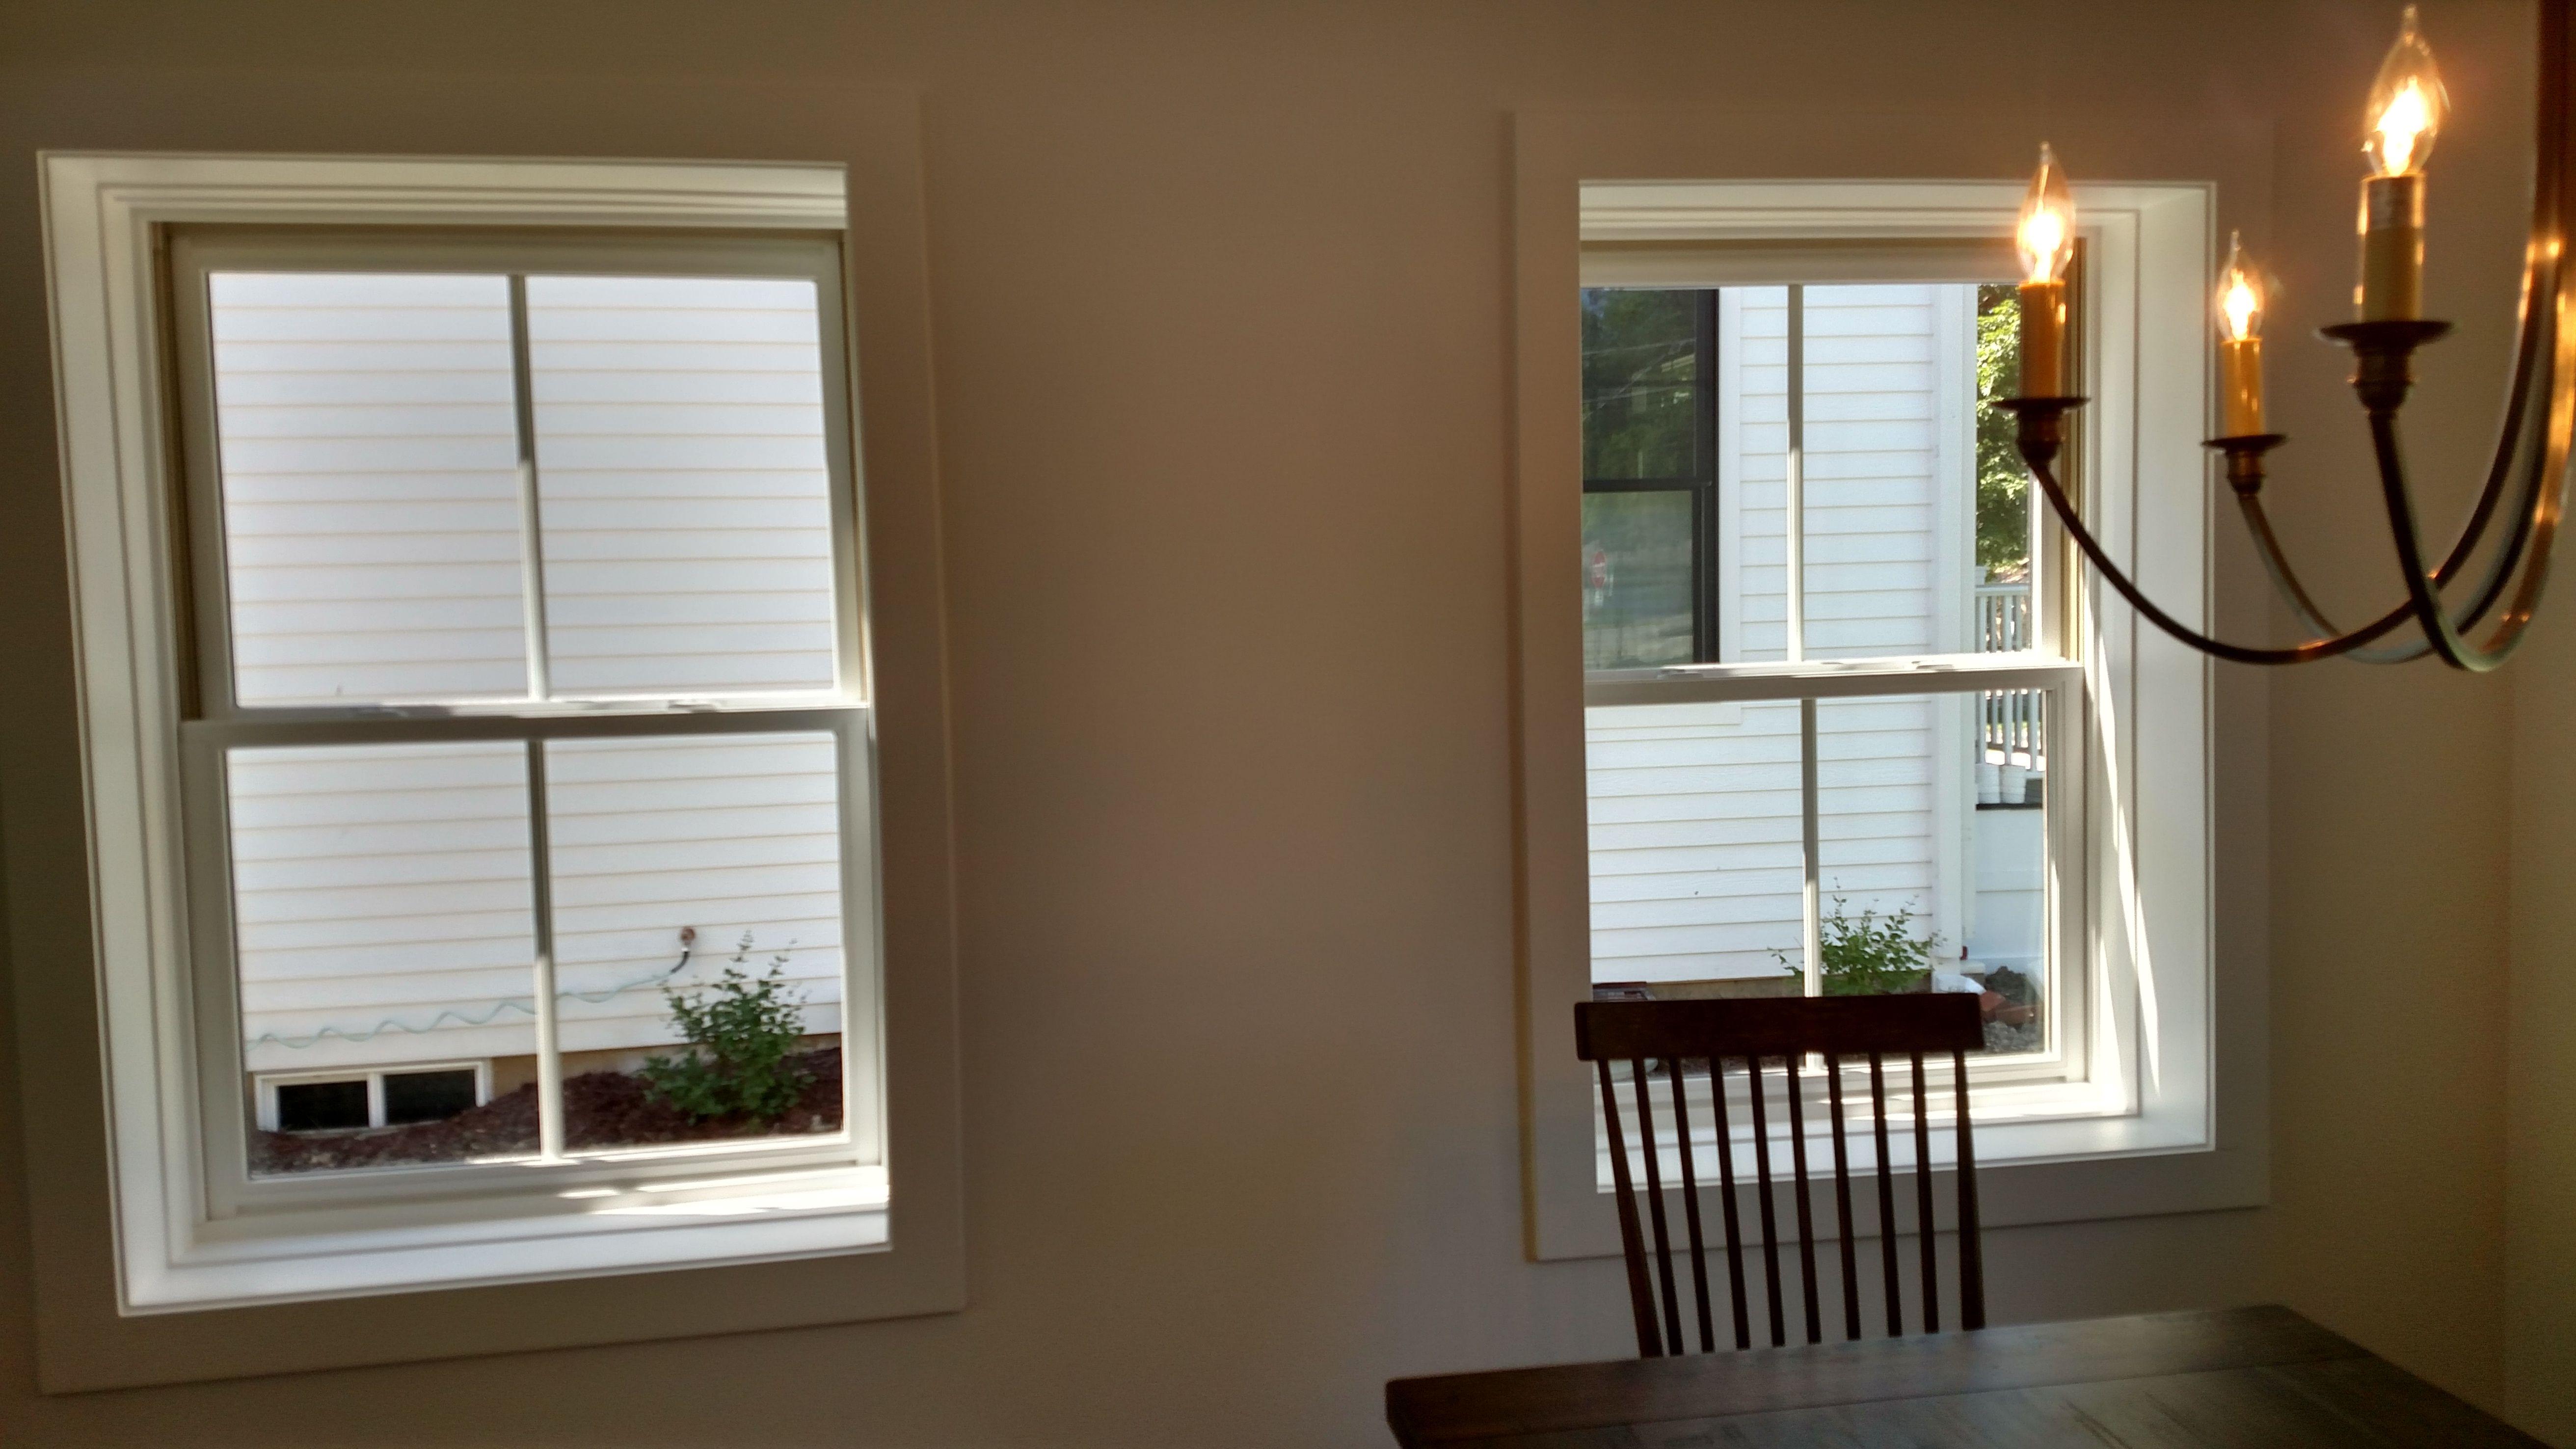 Casco S Aluminum Clad Wood Windows Extruded Aluminum Clad